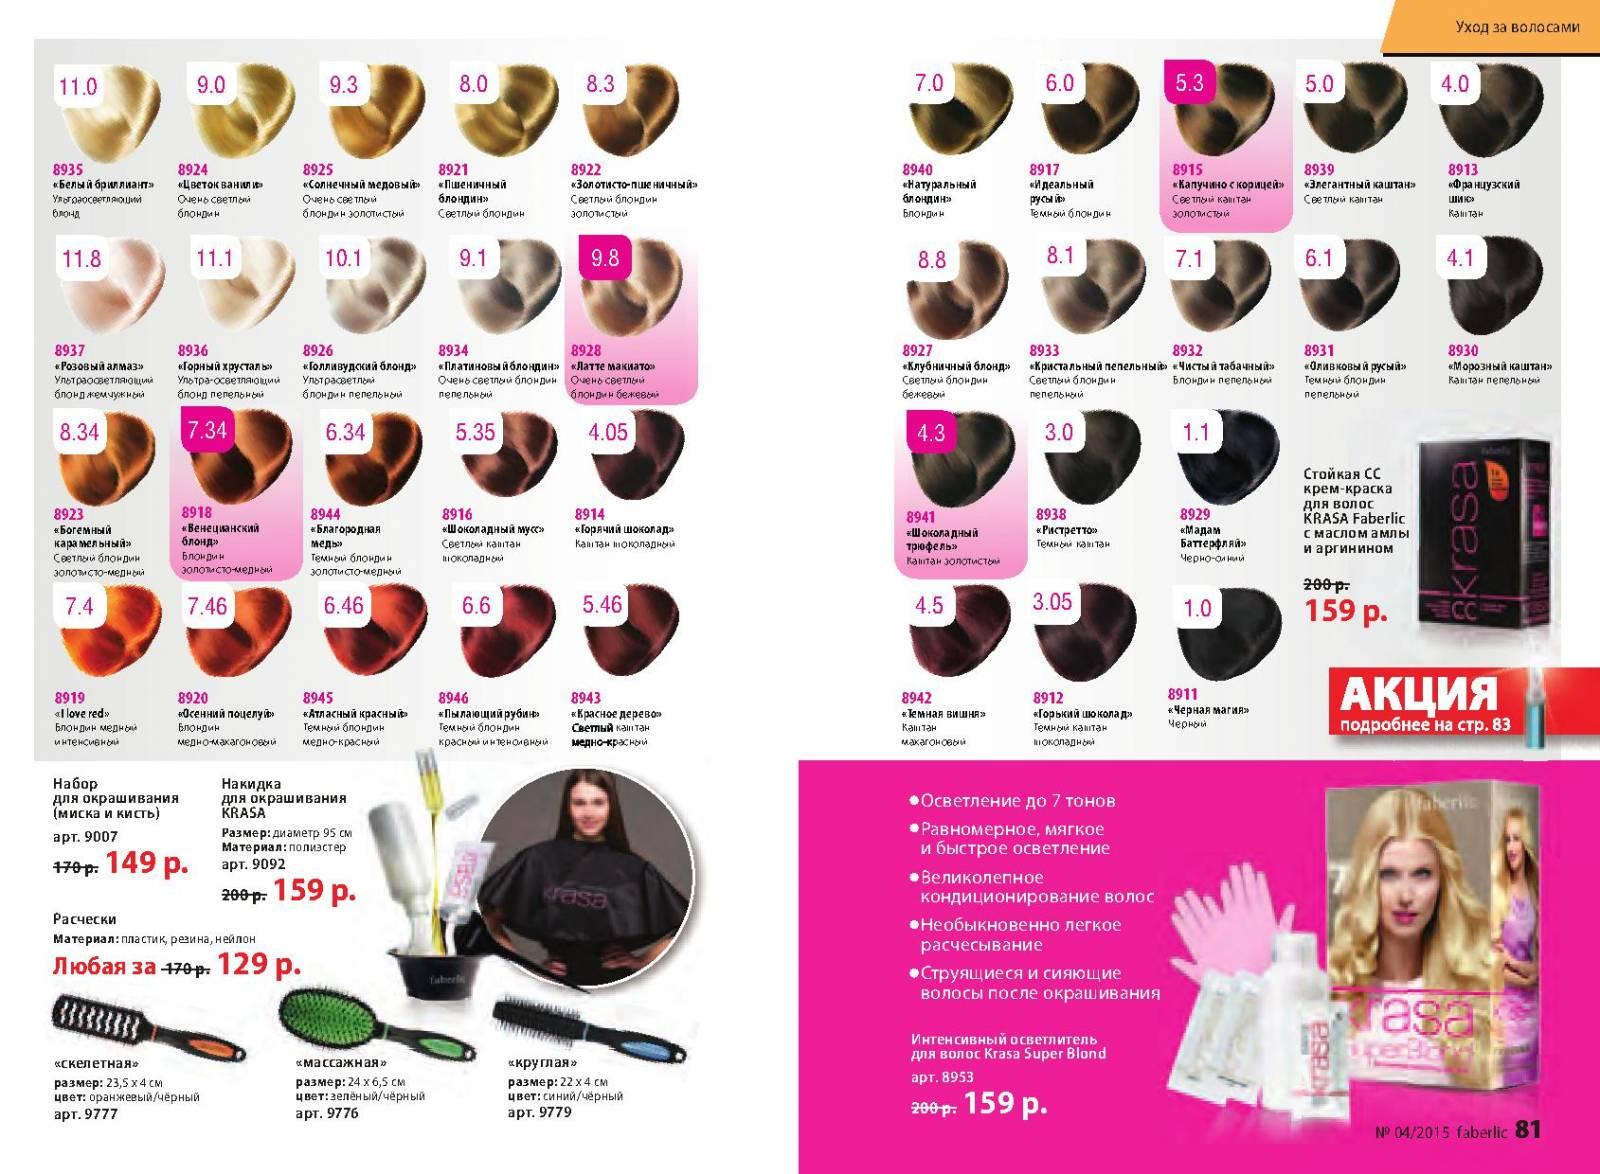 Краска для волос Faberlic (Фаберлик) палитра на фото